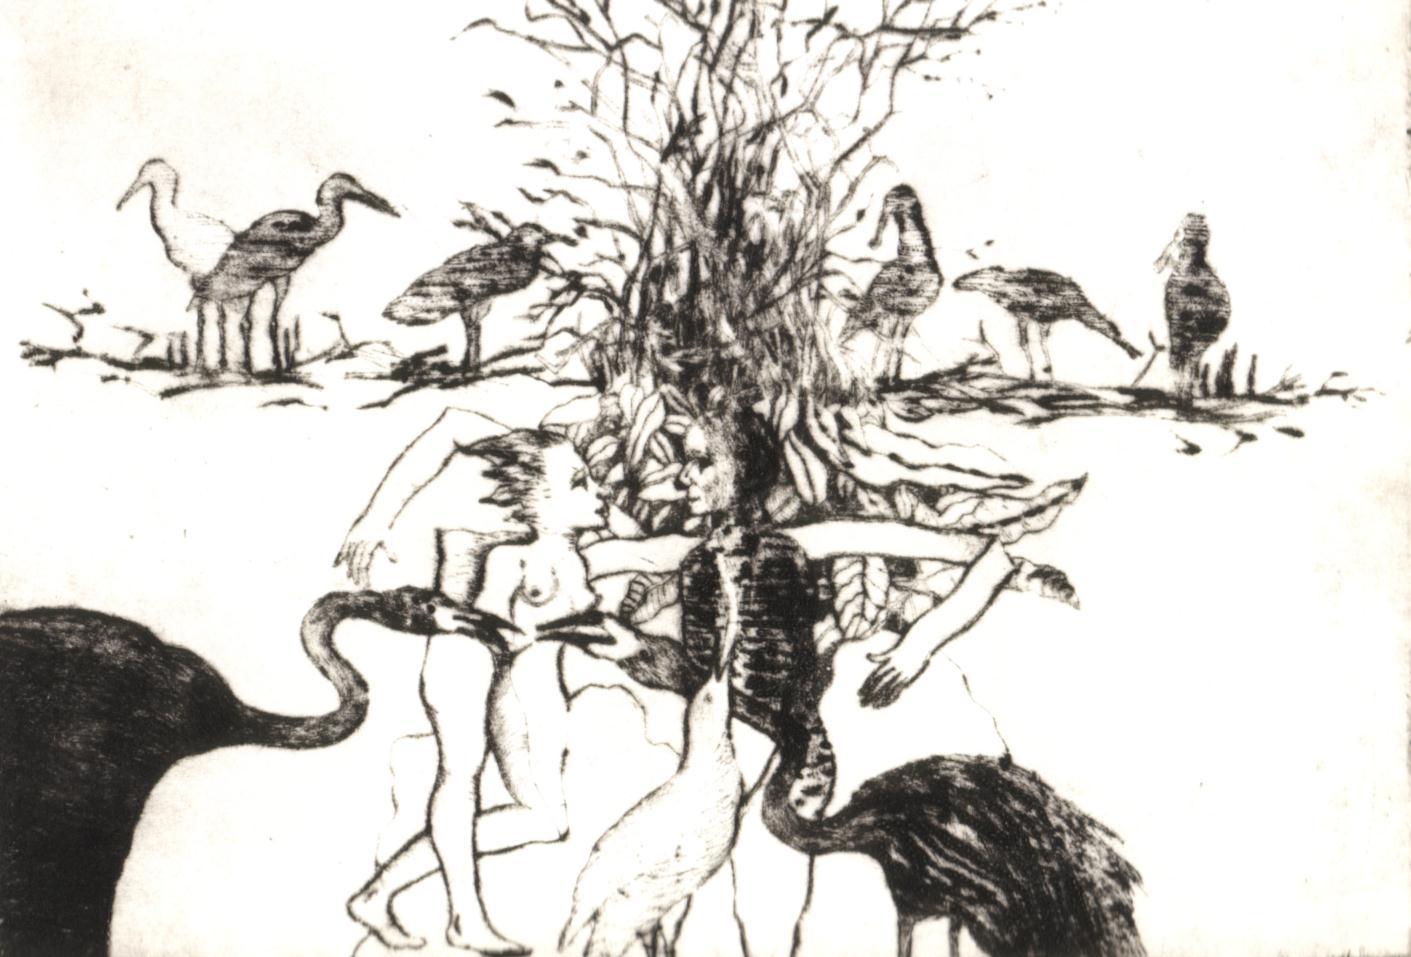 1996 Las aves se juntaron para que ellos se amaran,Grabado, 1